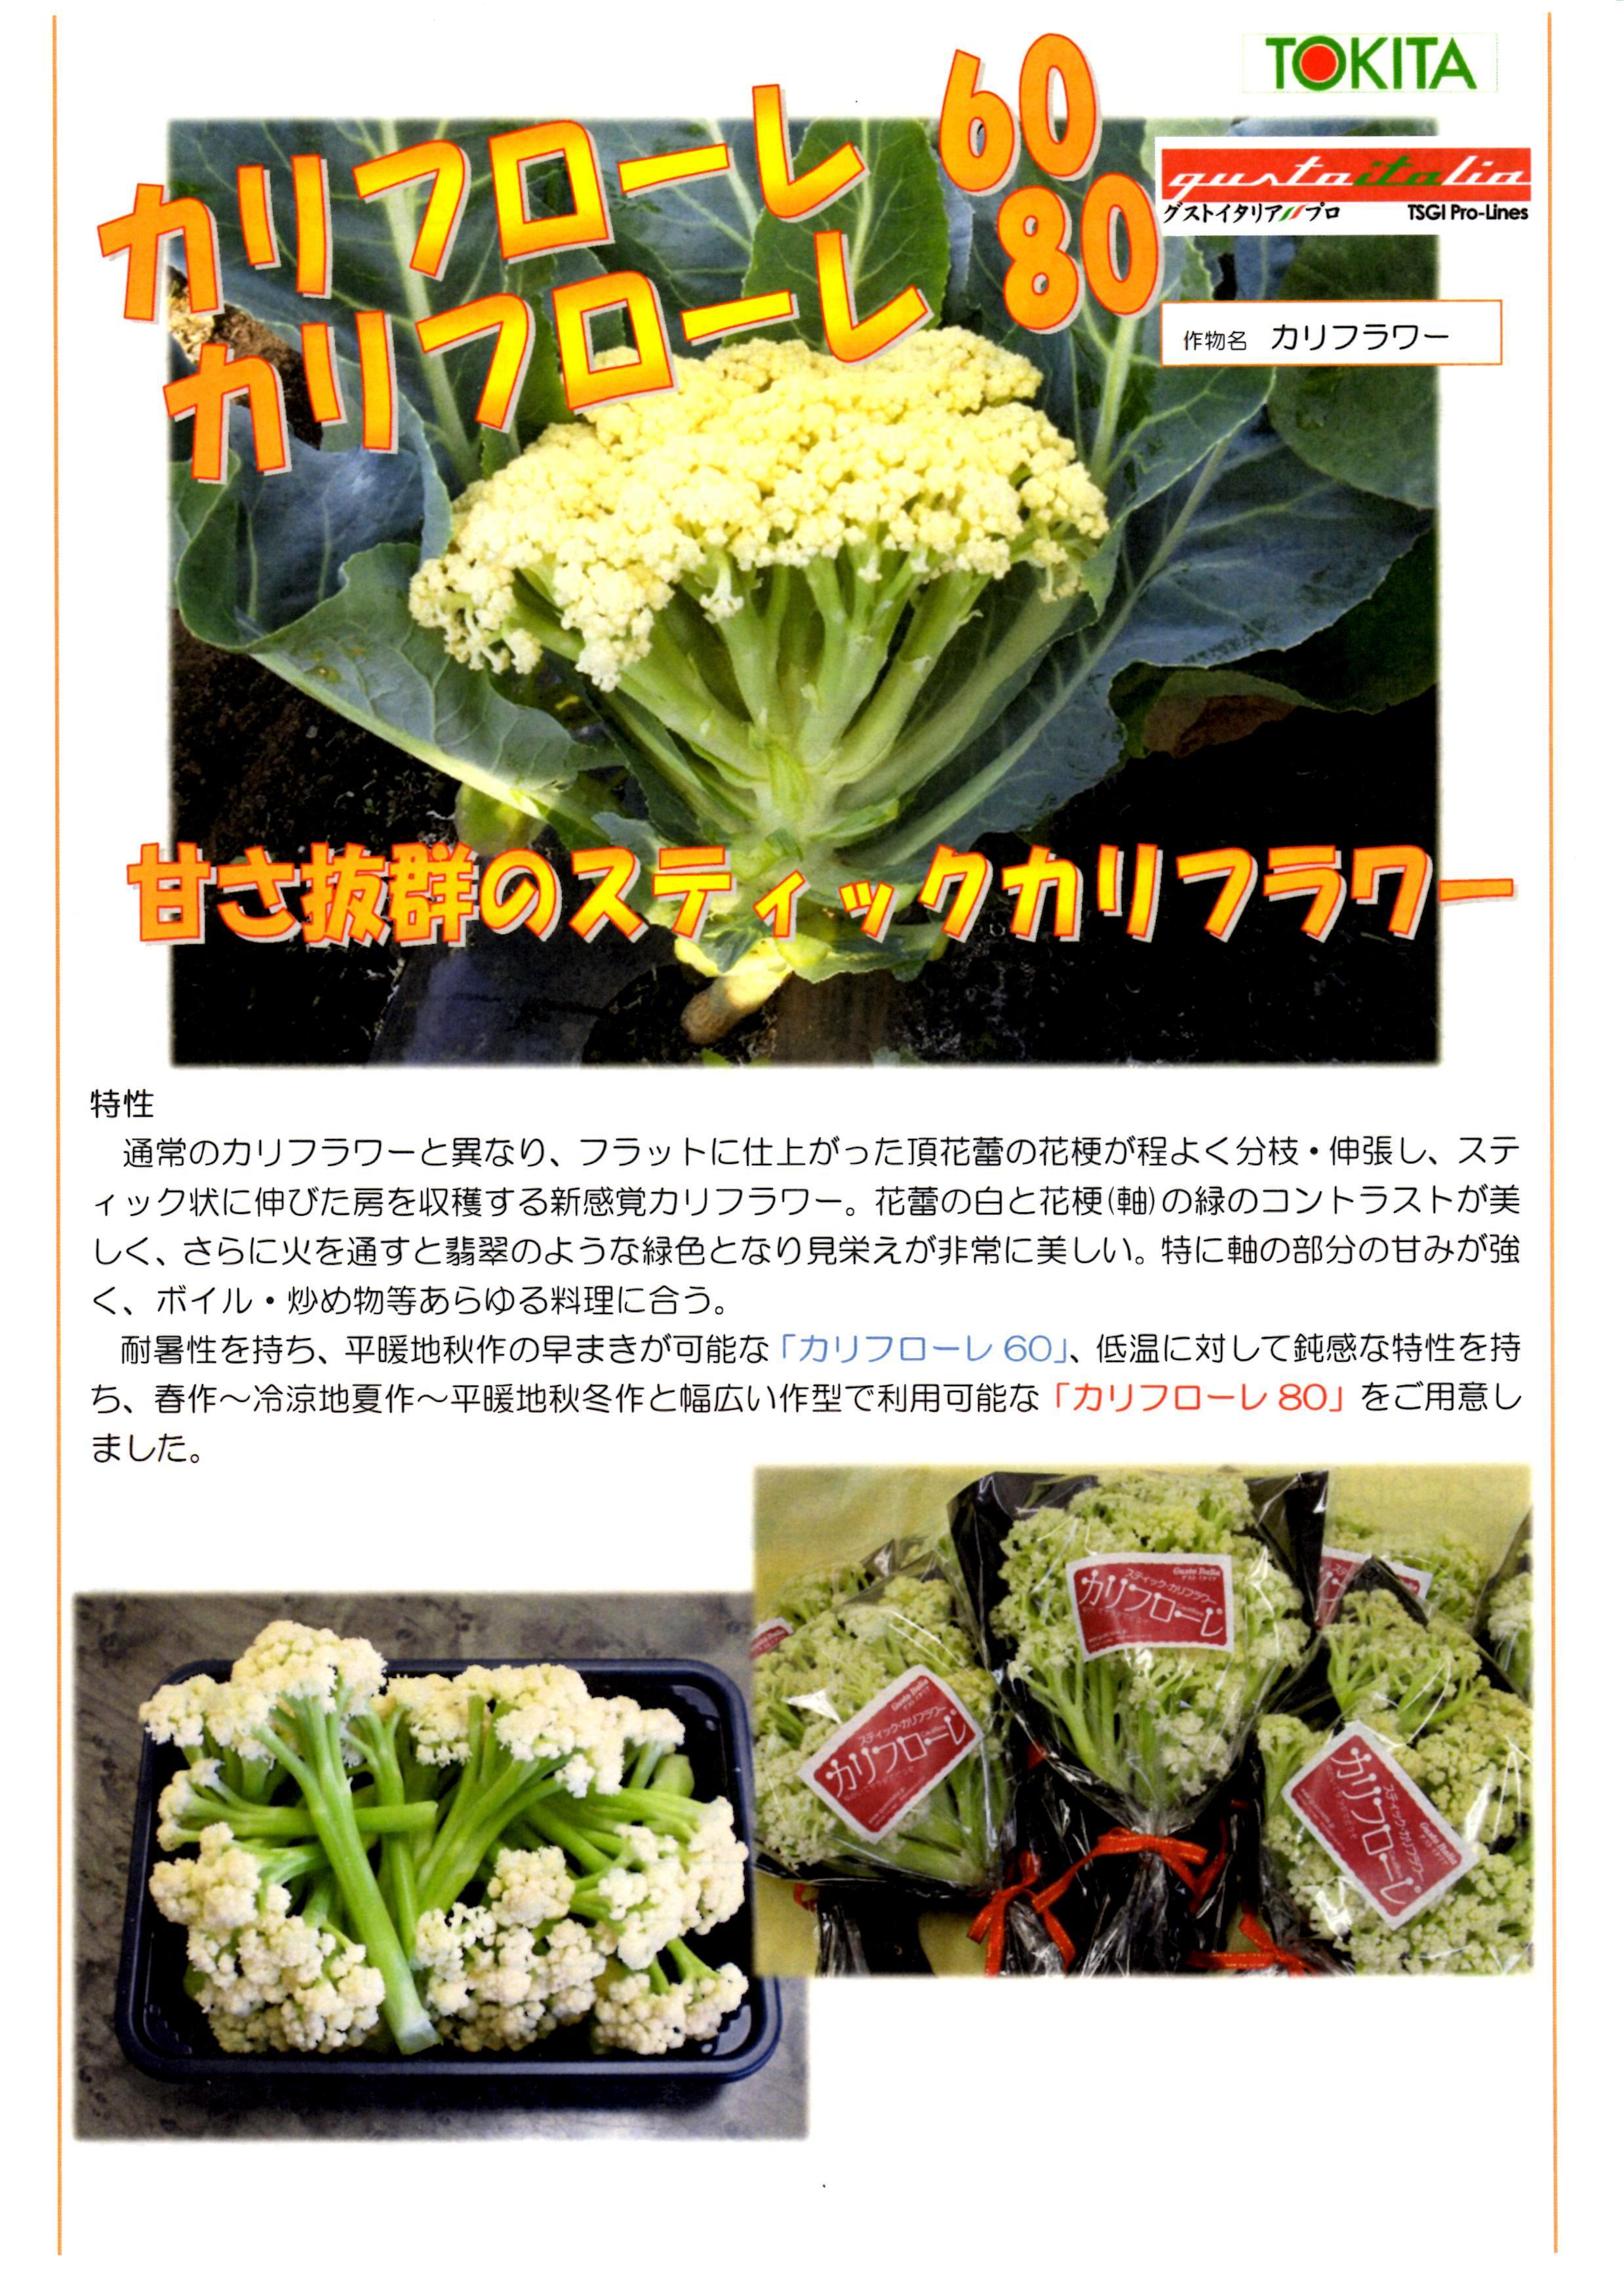 karifu-panf.jpg